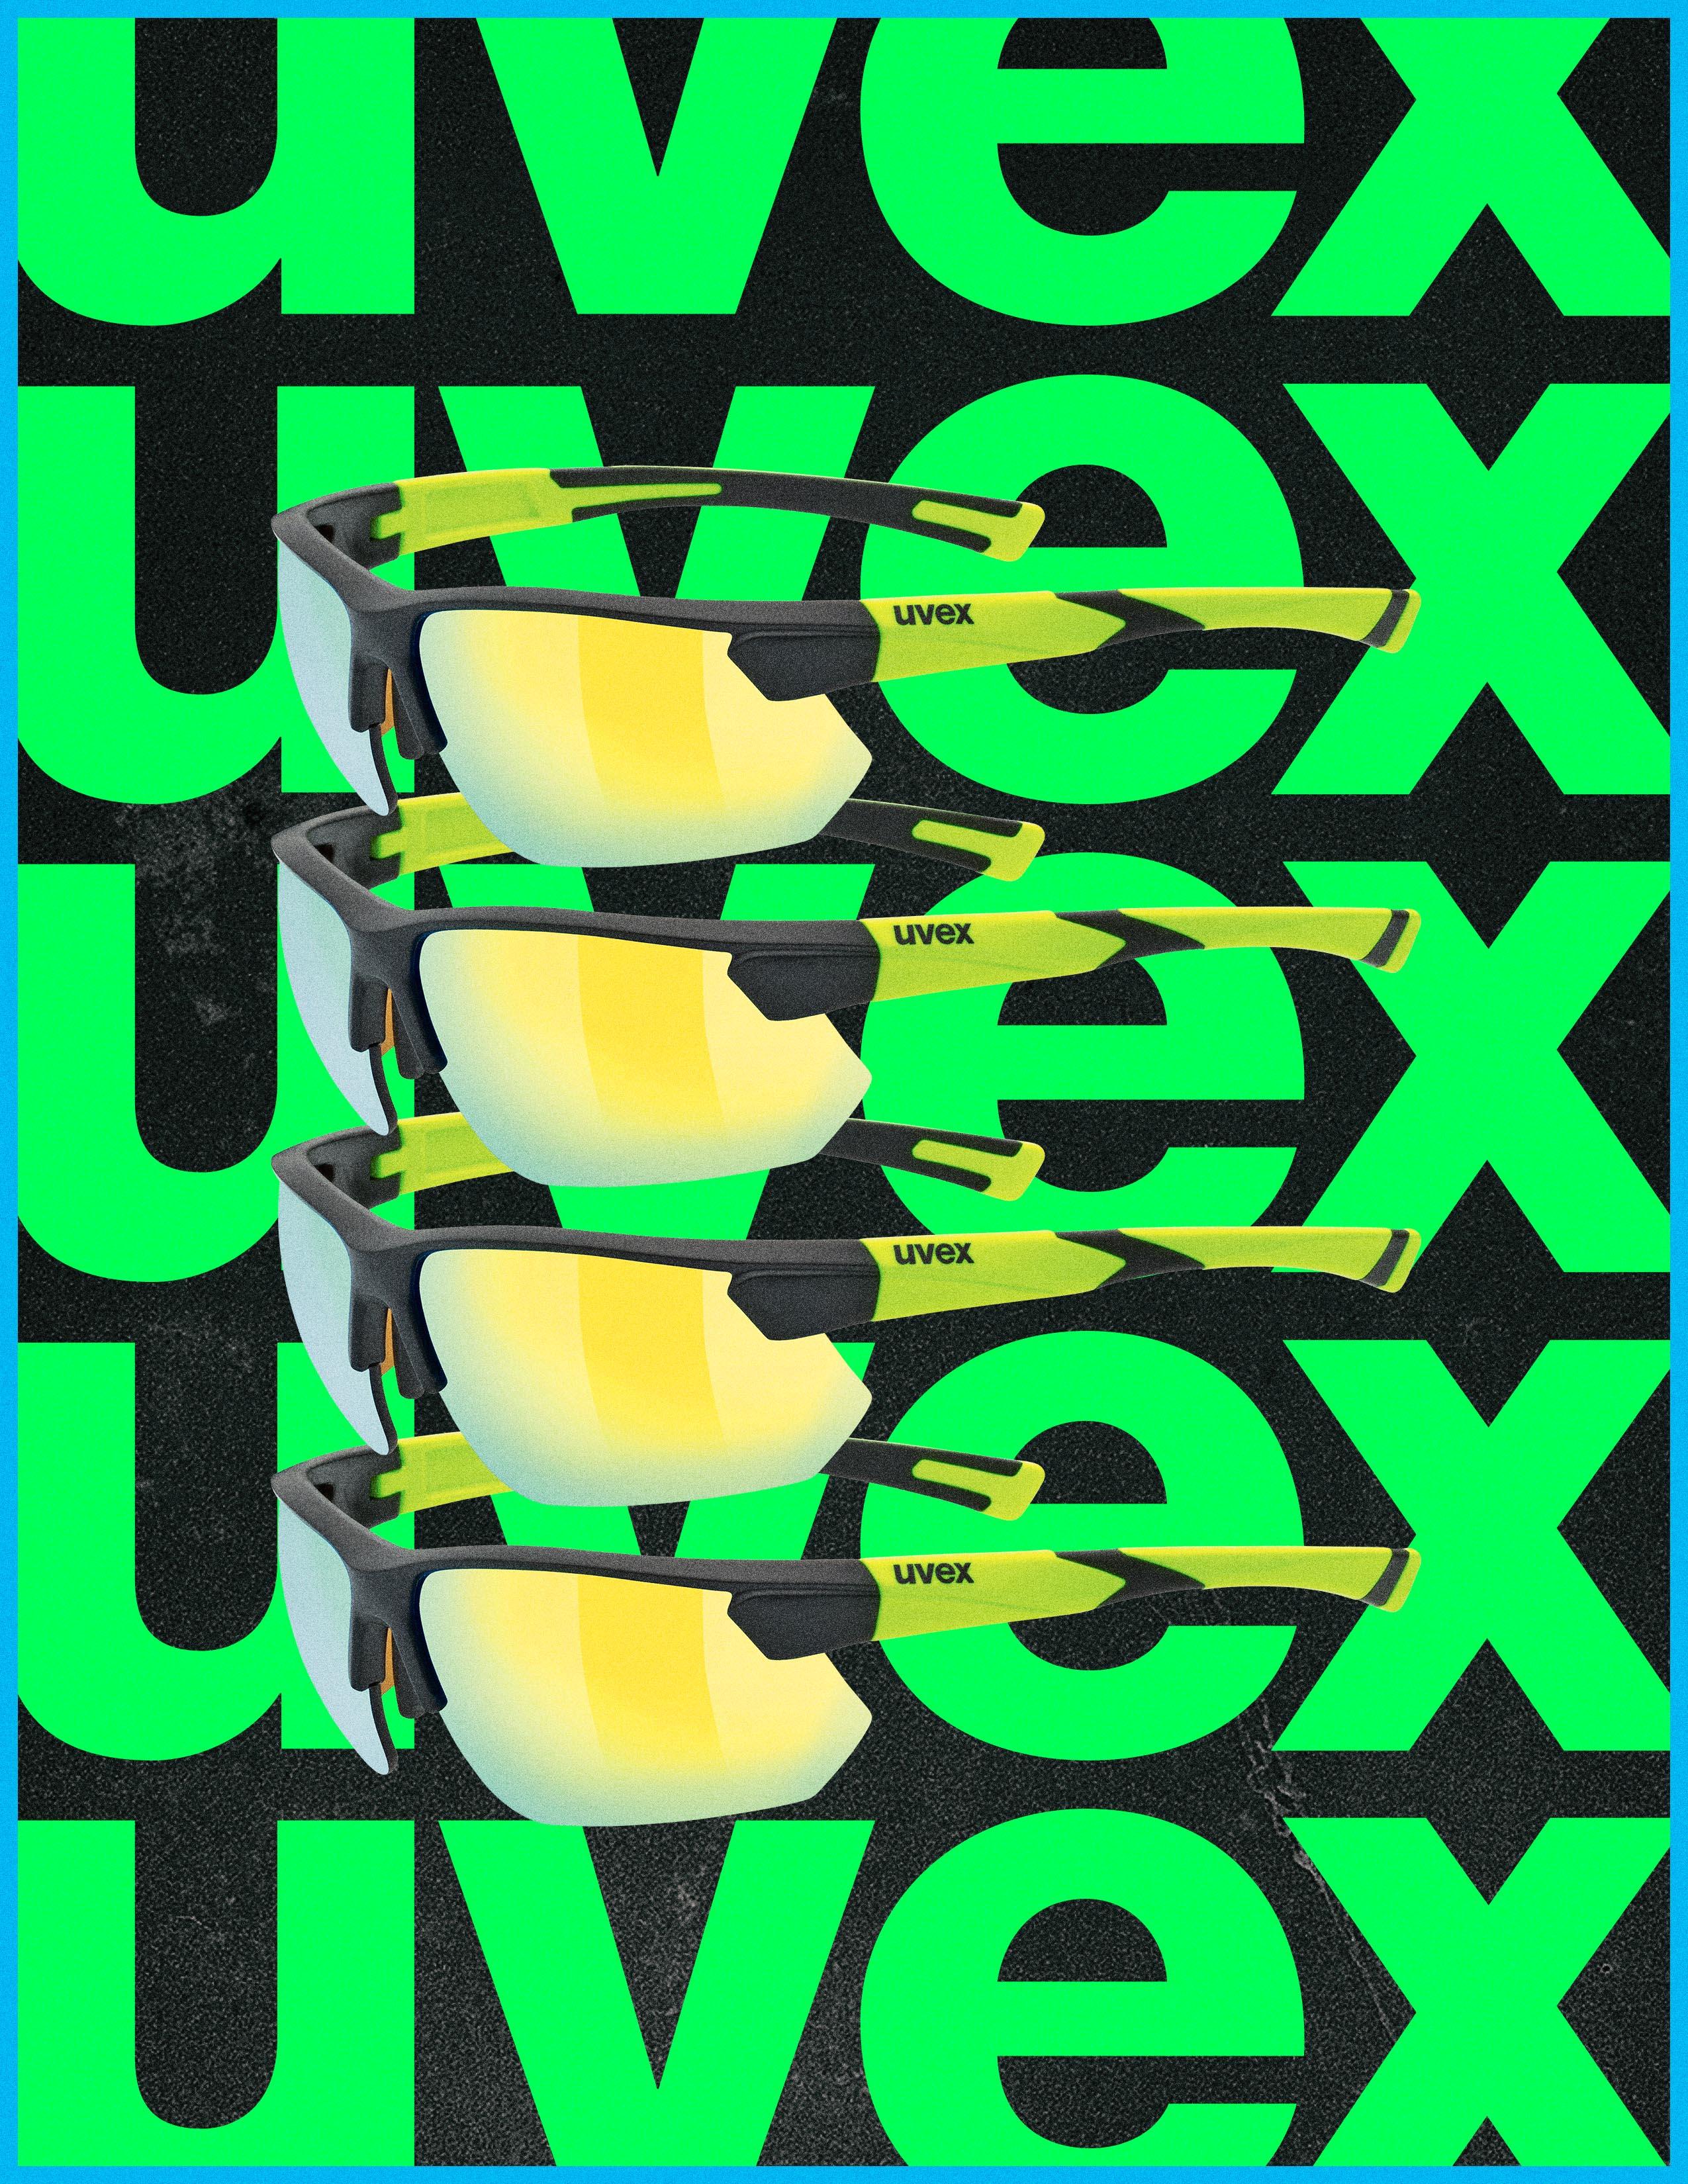 UVEX-LayoutsArtboard 7 copy